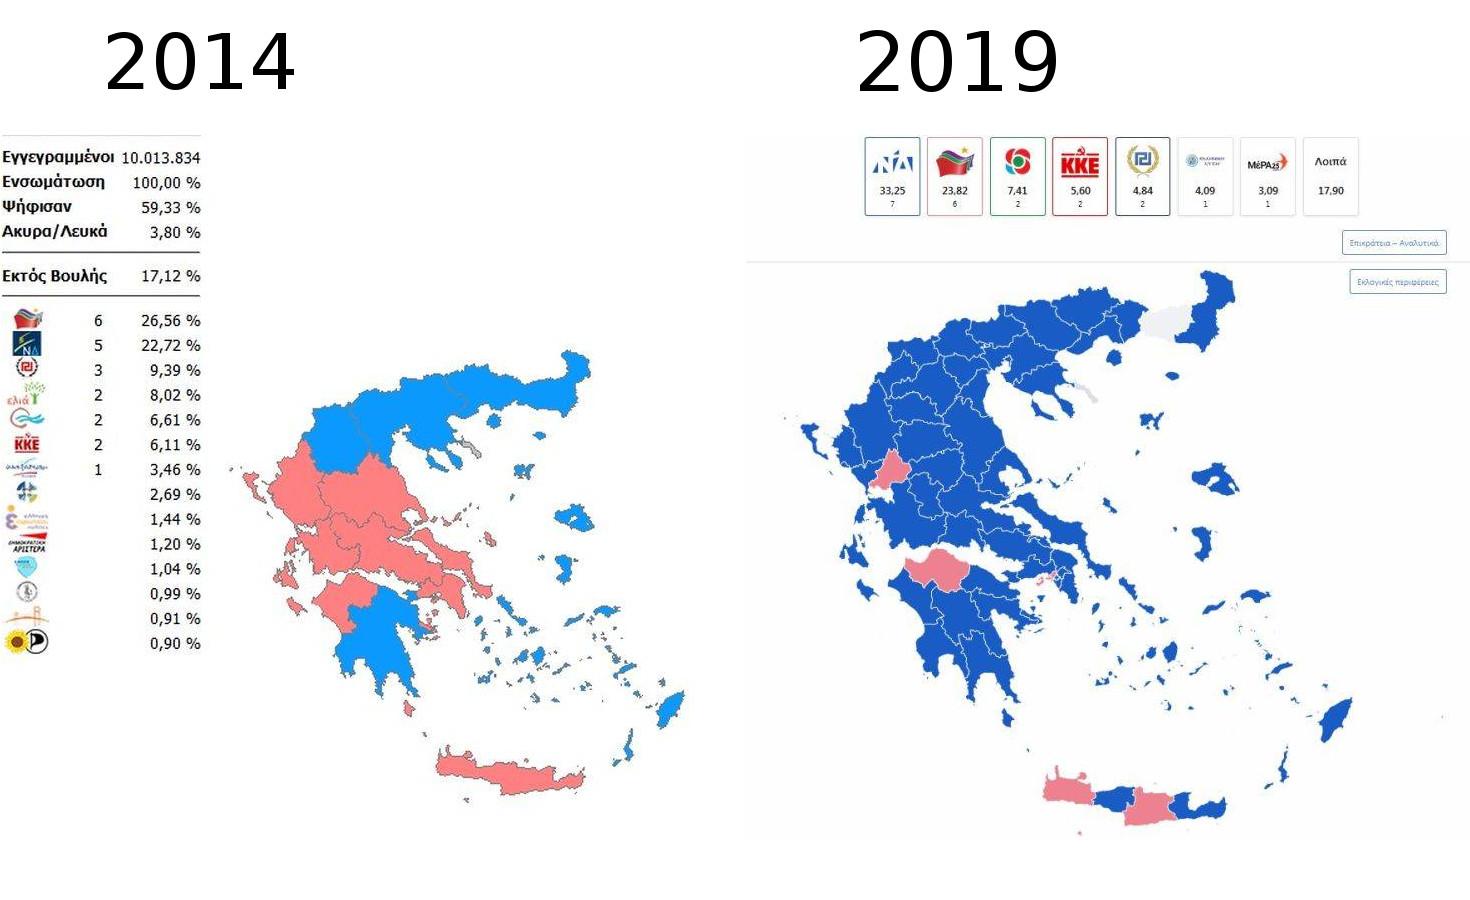 Οι χάρτες του 2014 και του 2019